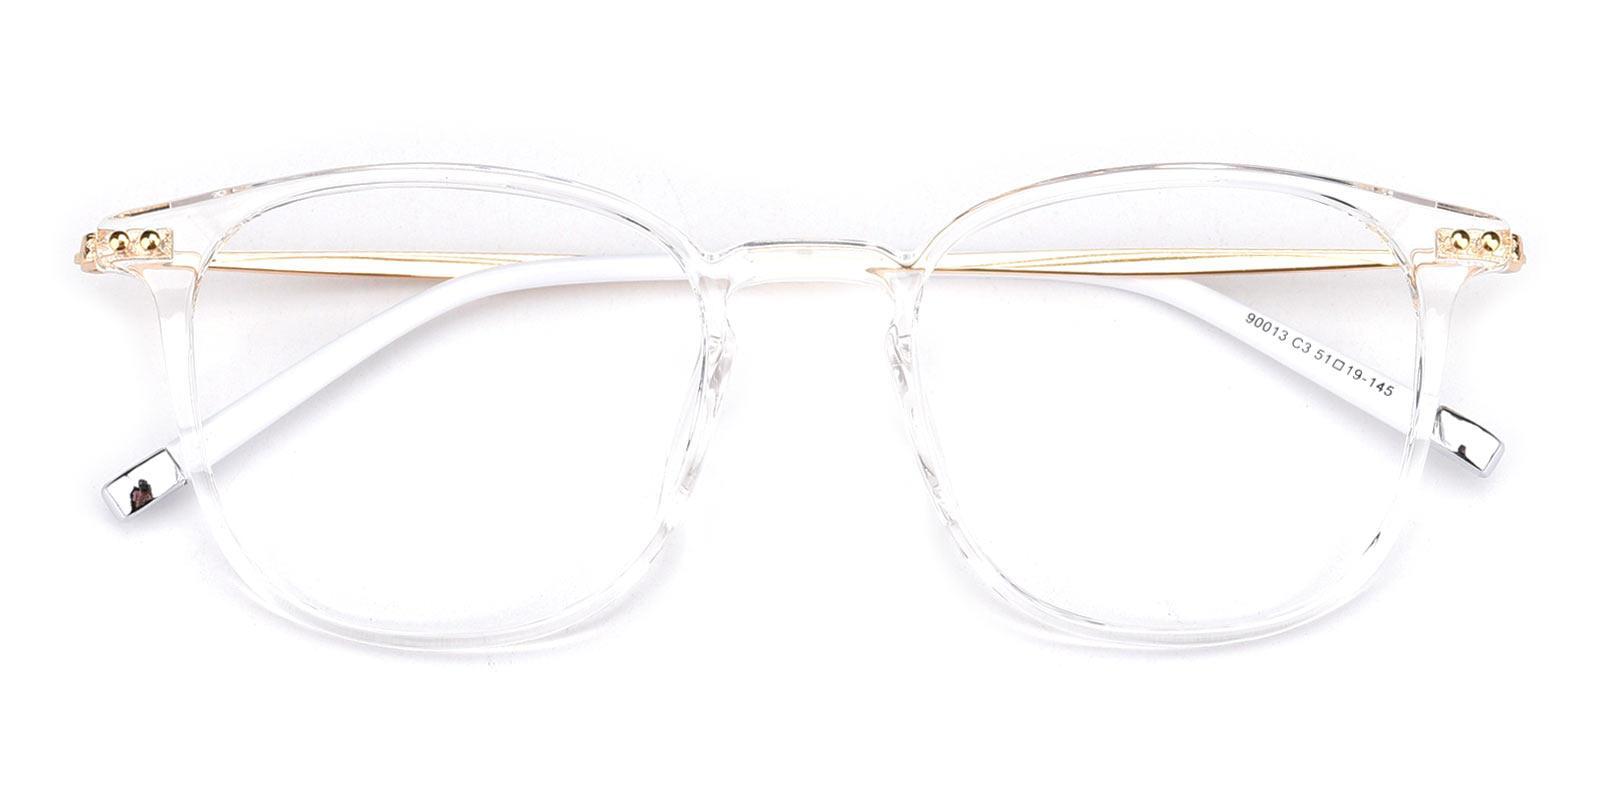 Sunflower-Translucent-Rectangle-TR-Eyeglasses-detail